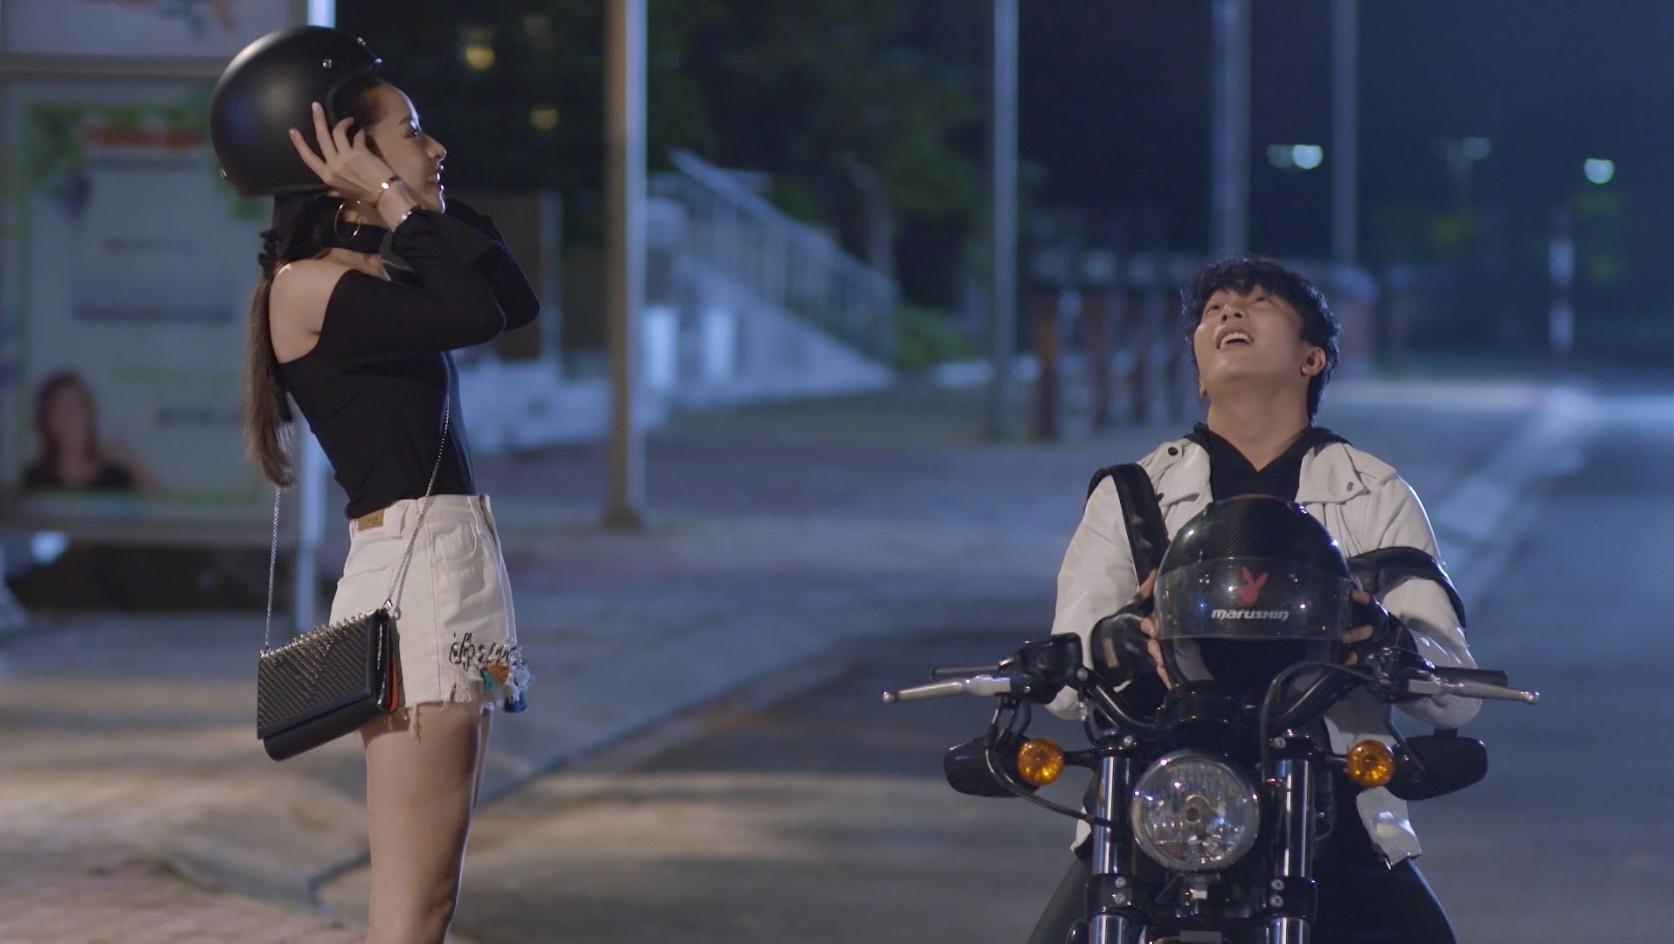 Tan chảy trước cảnh Nam Phong thầm lặng chăm sóc quan tâm An Chi